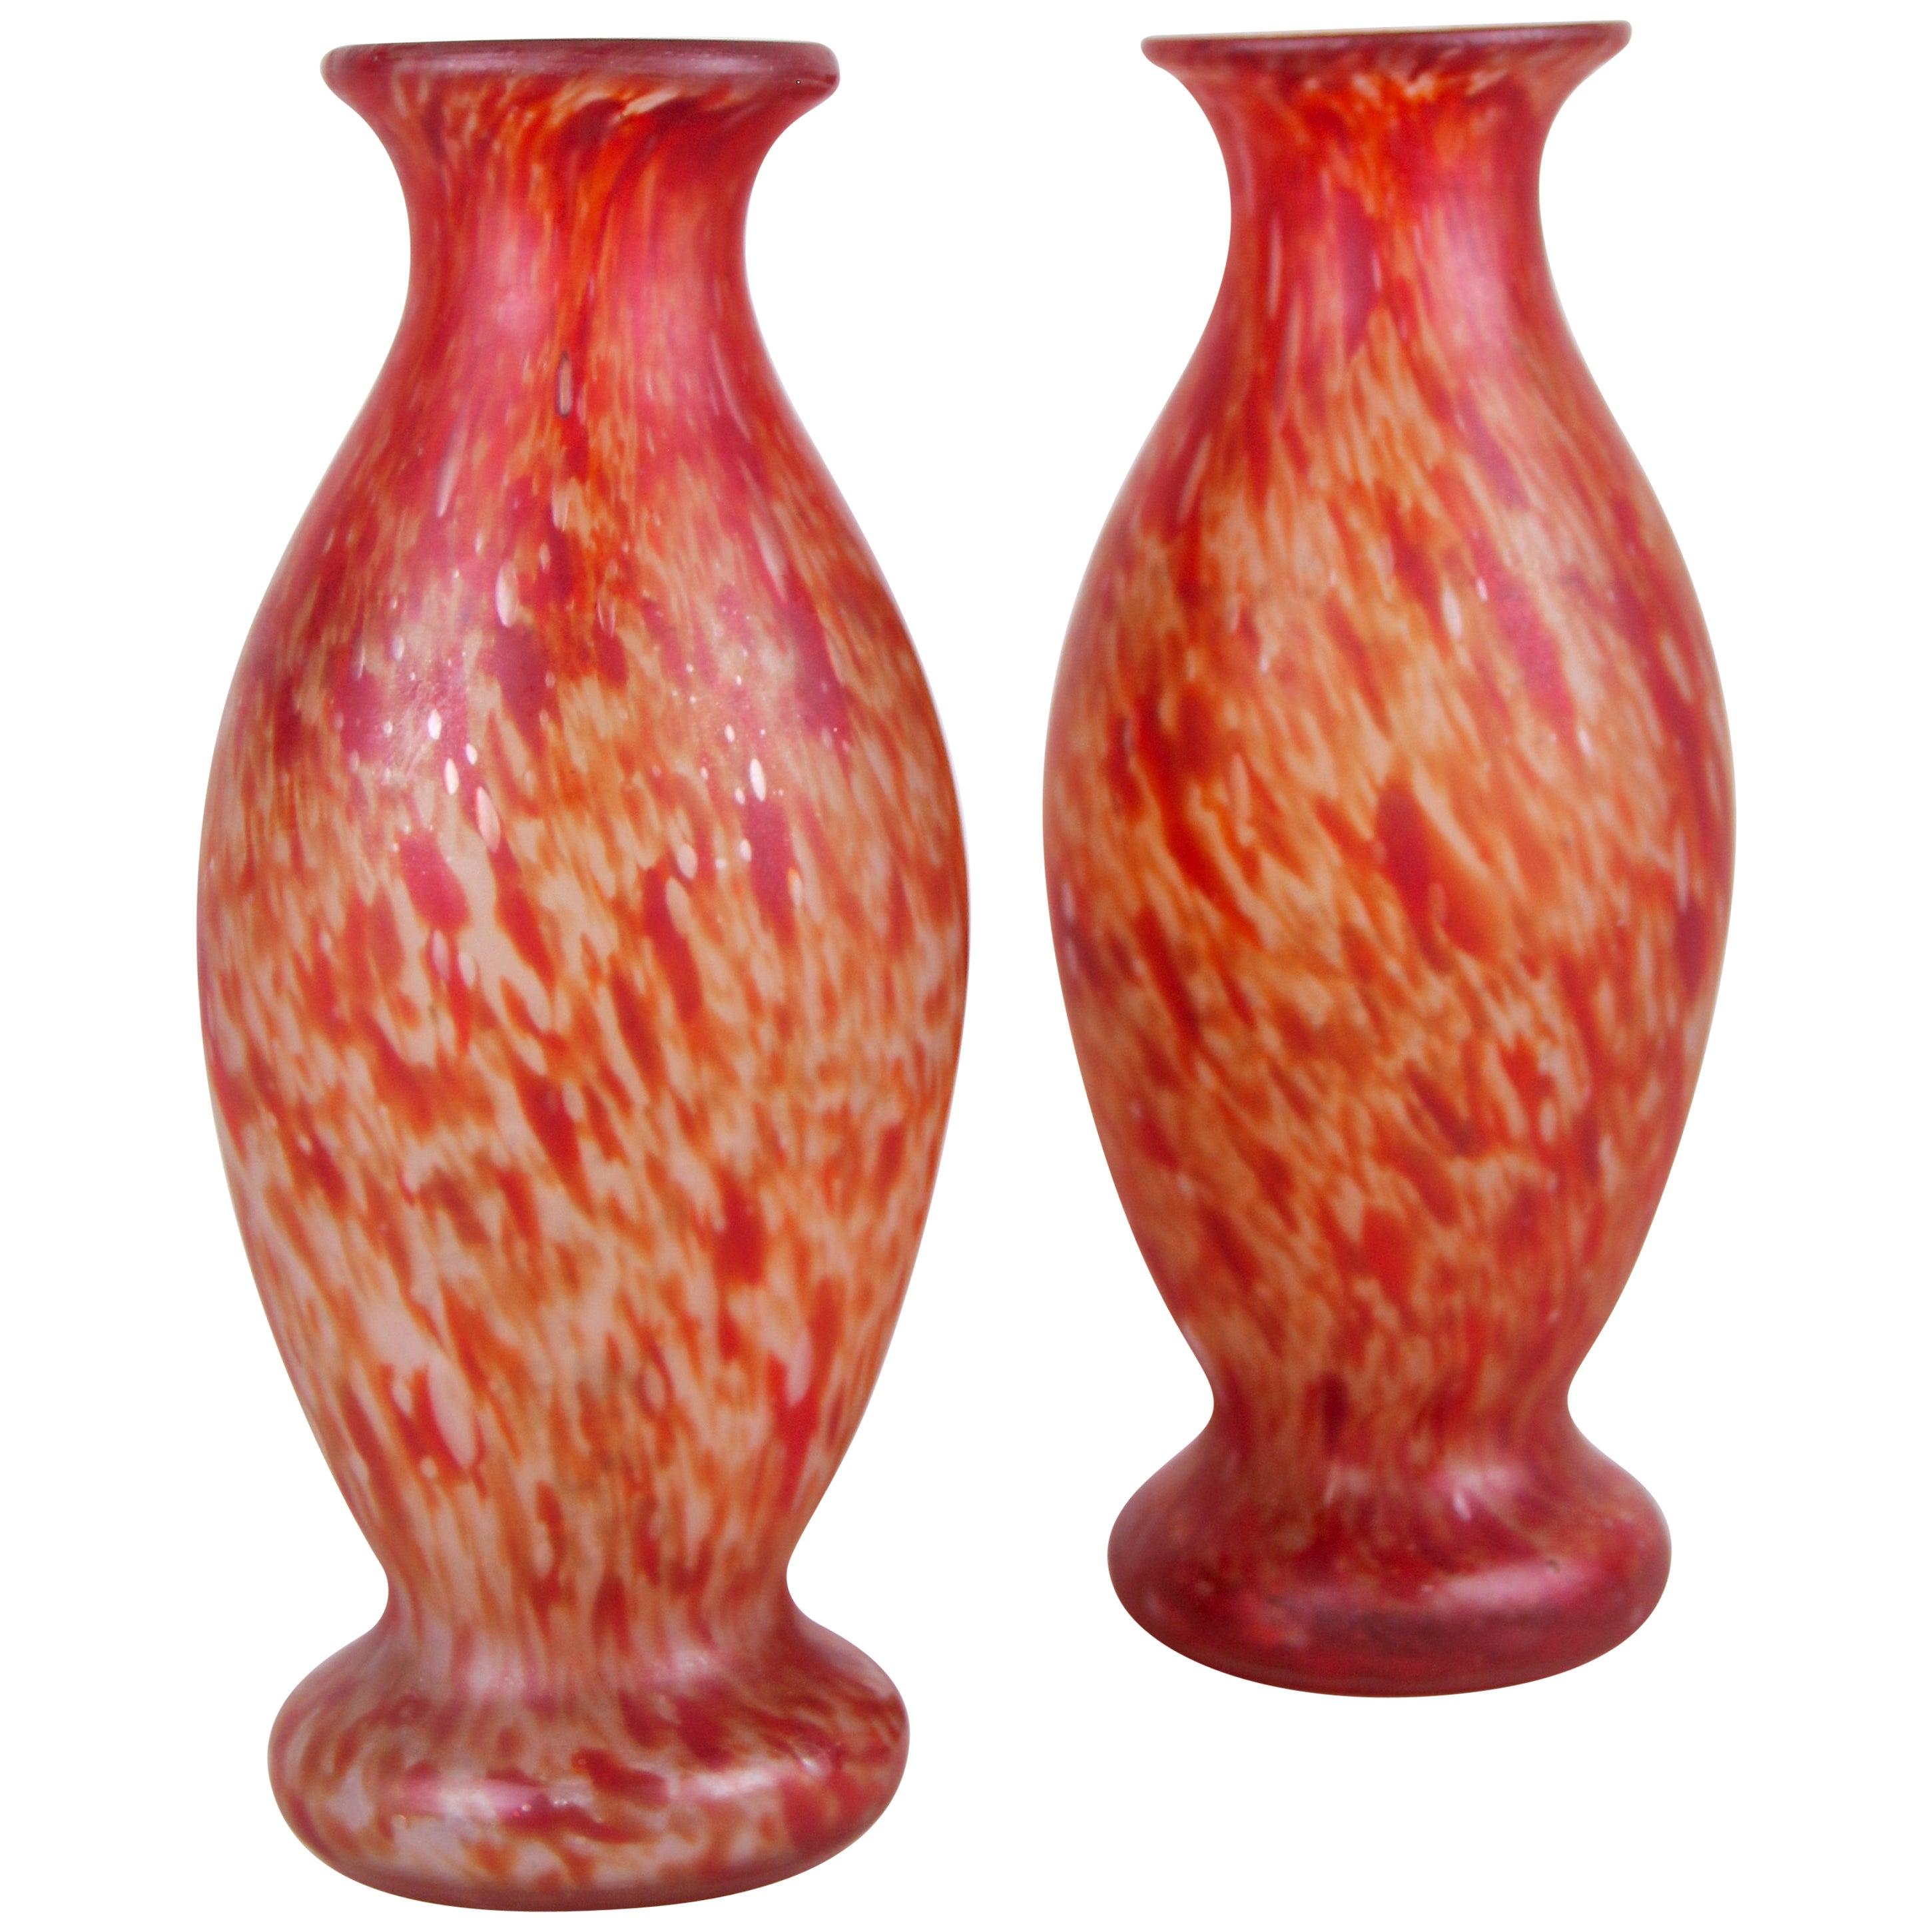 Pair of Art Nouveau Glass Vases, France, circa 1900